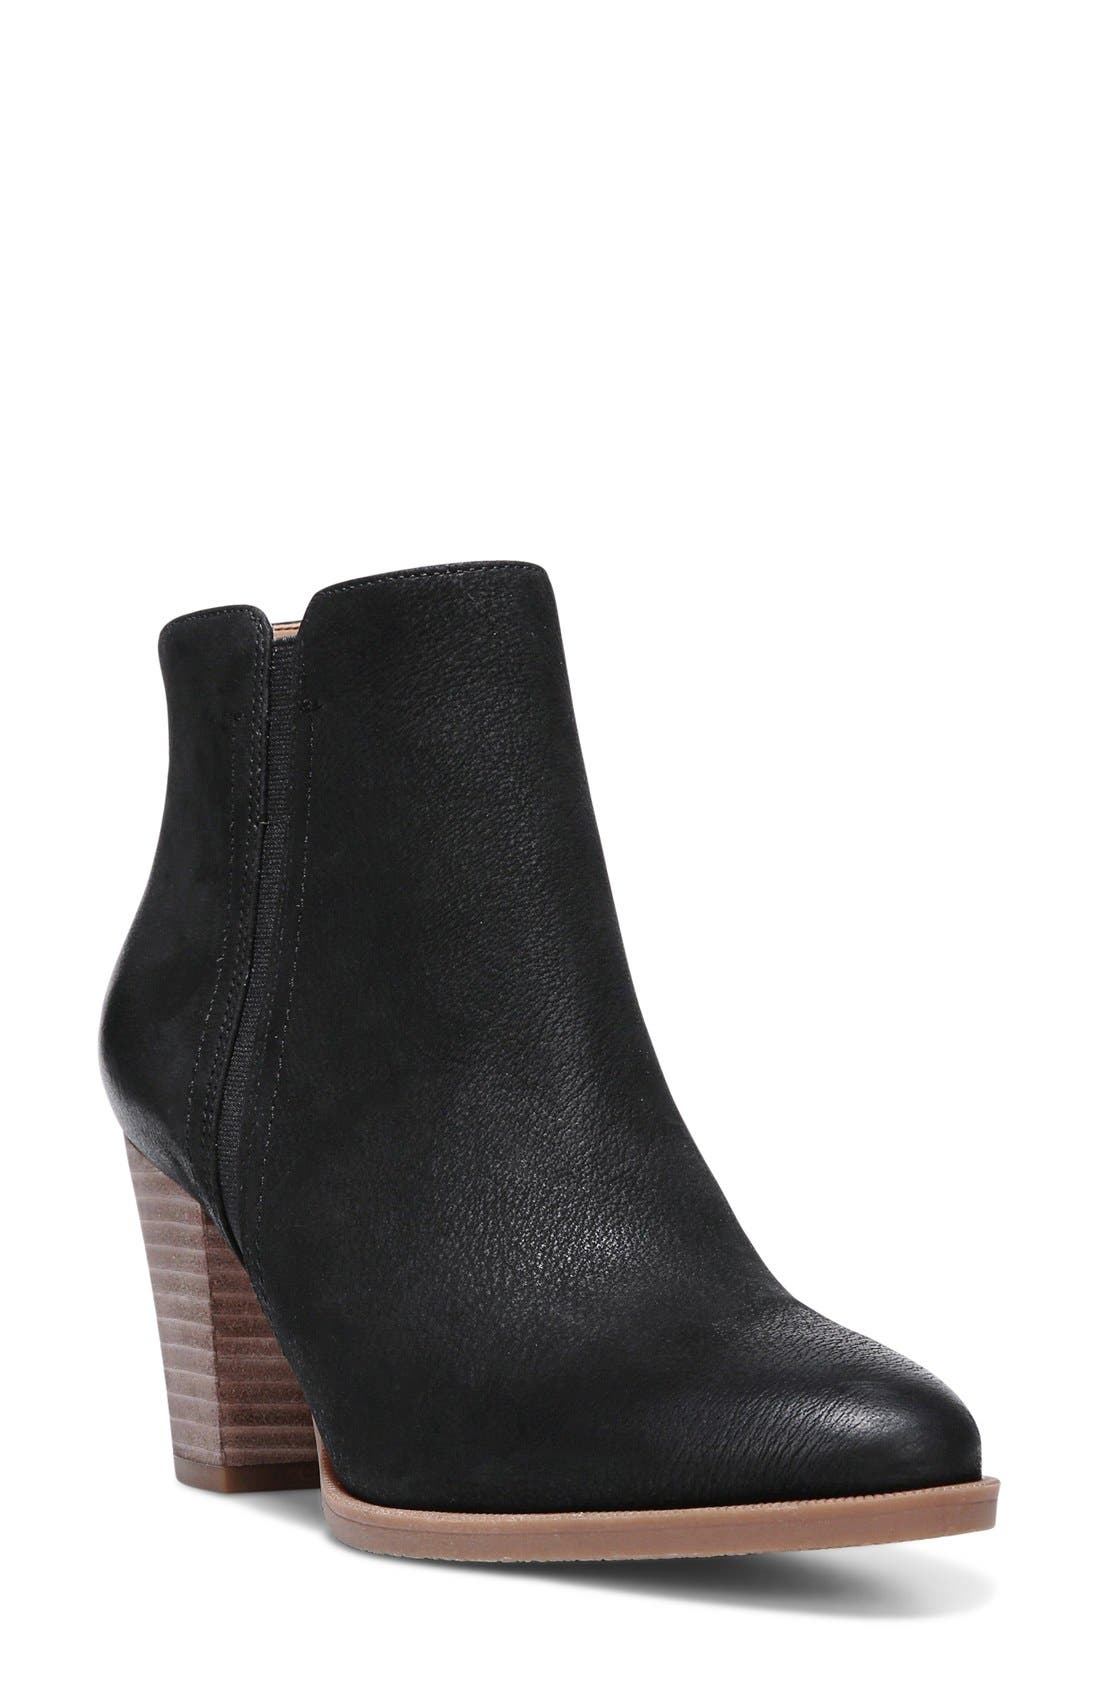 FRANCO SARTO 'Dipali' Block Heel Bootie, Main, color, 001